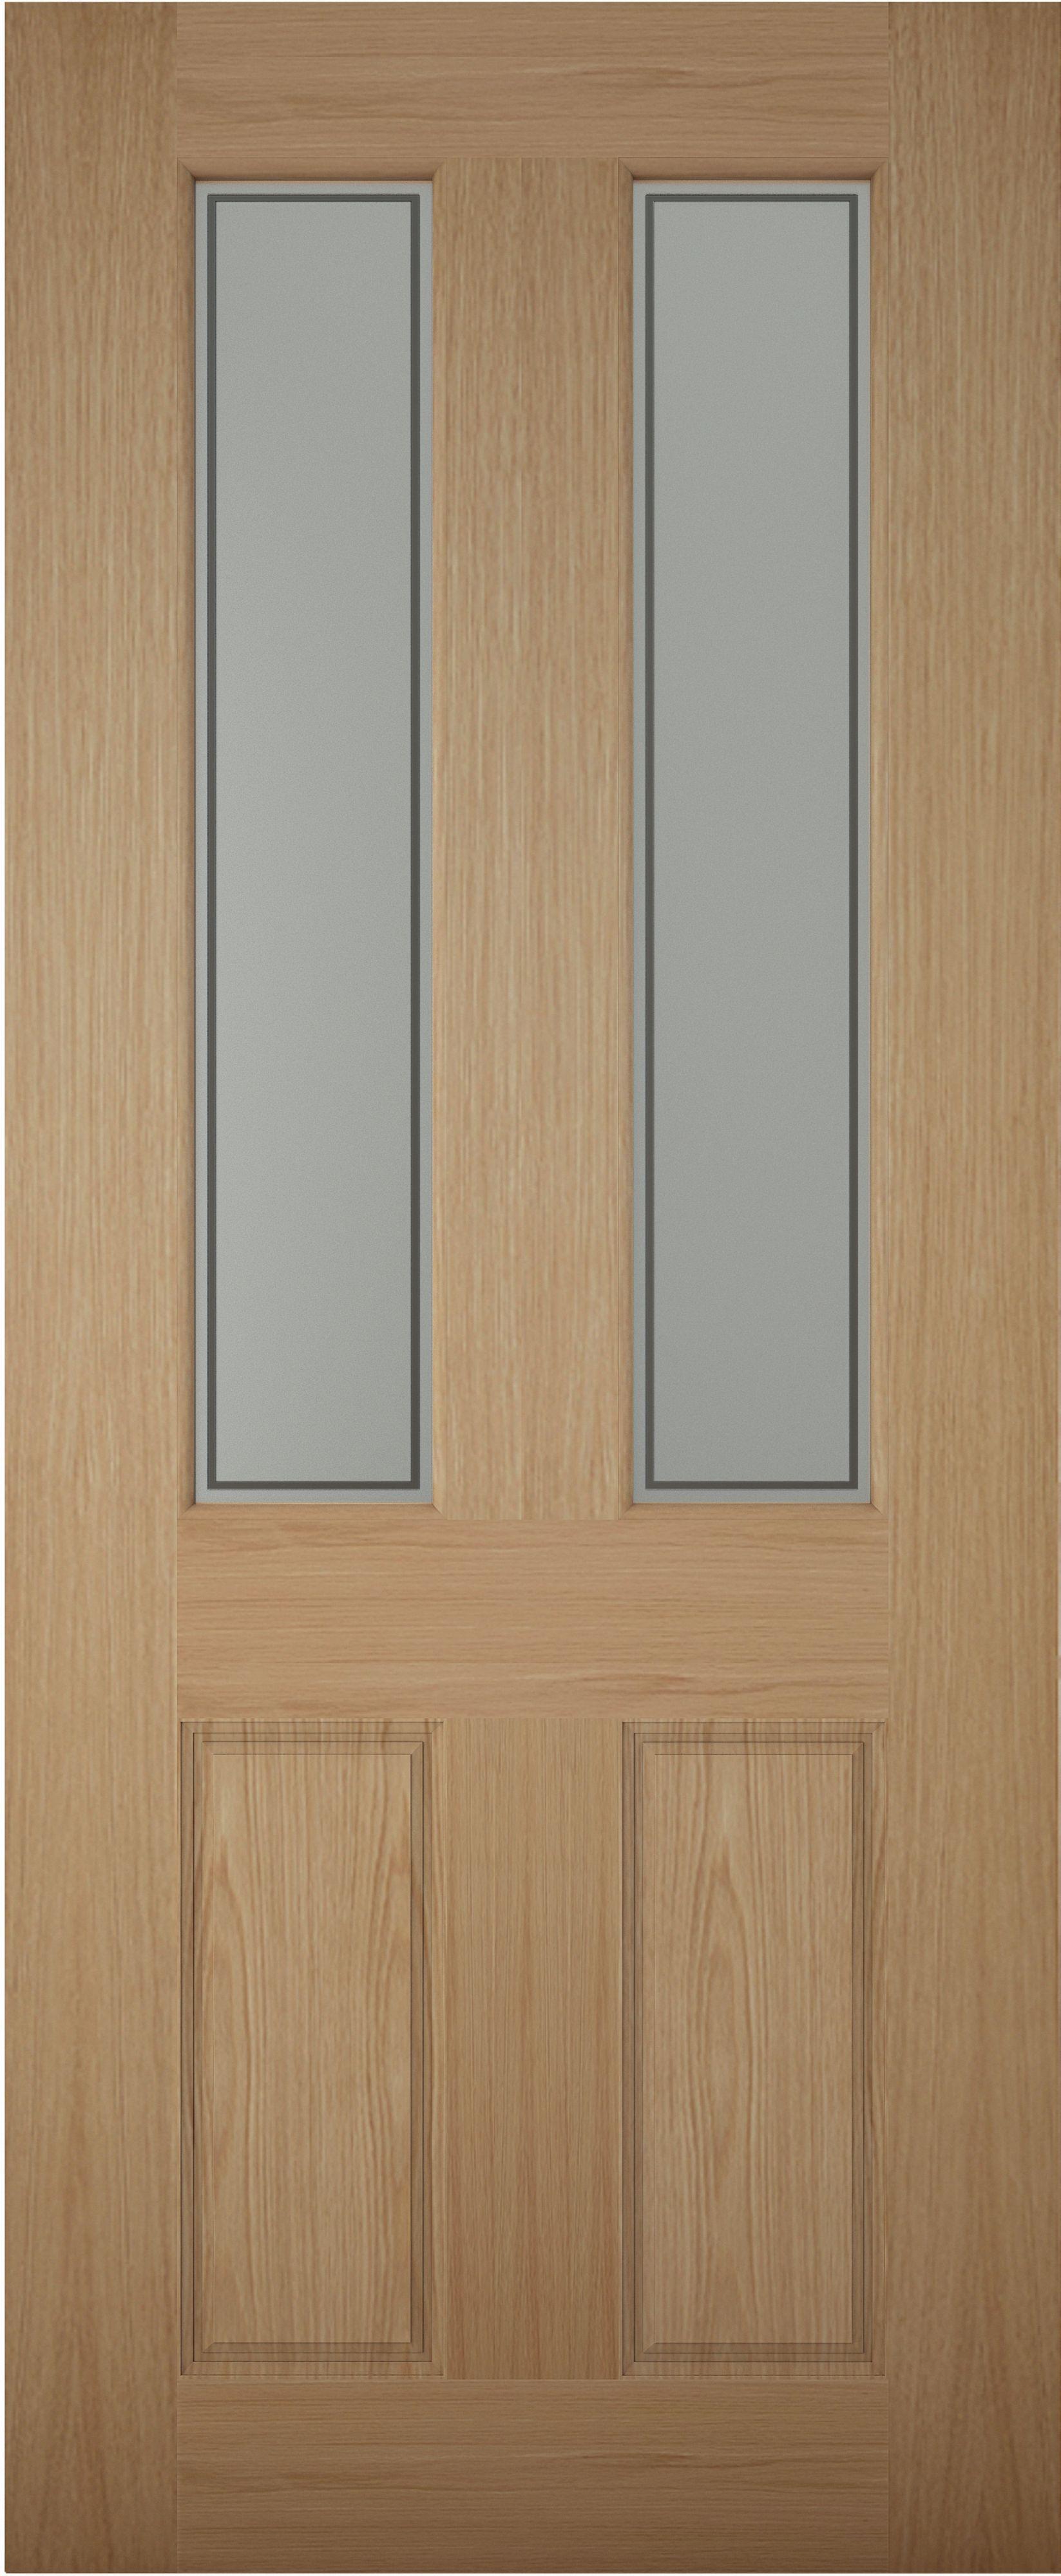 4 panel white oak veneer glazed front door h 1981mm w for Wood veneer garage doors